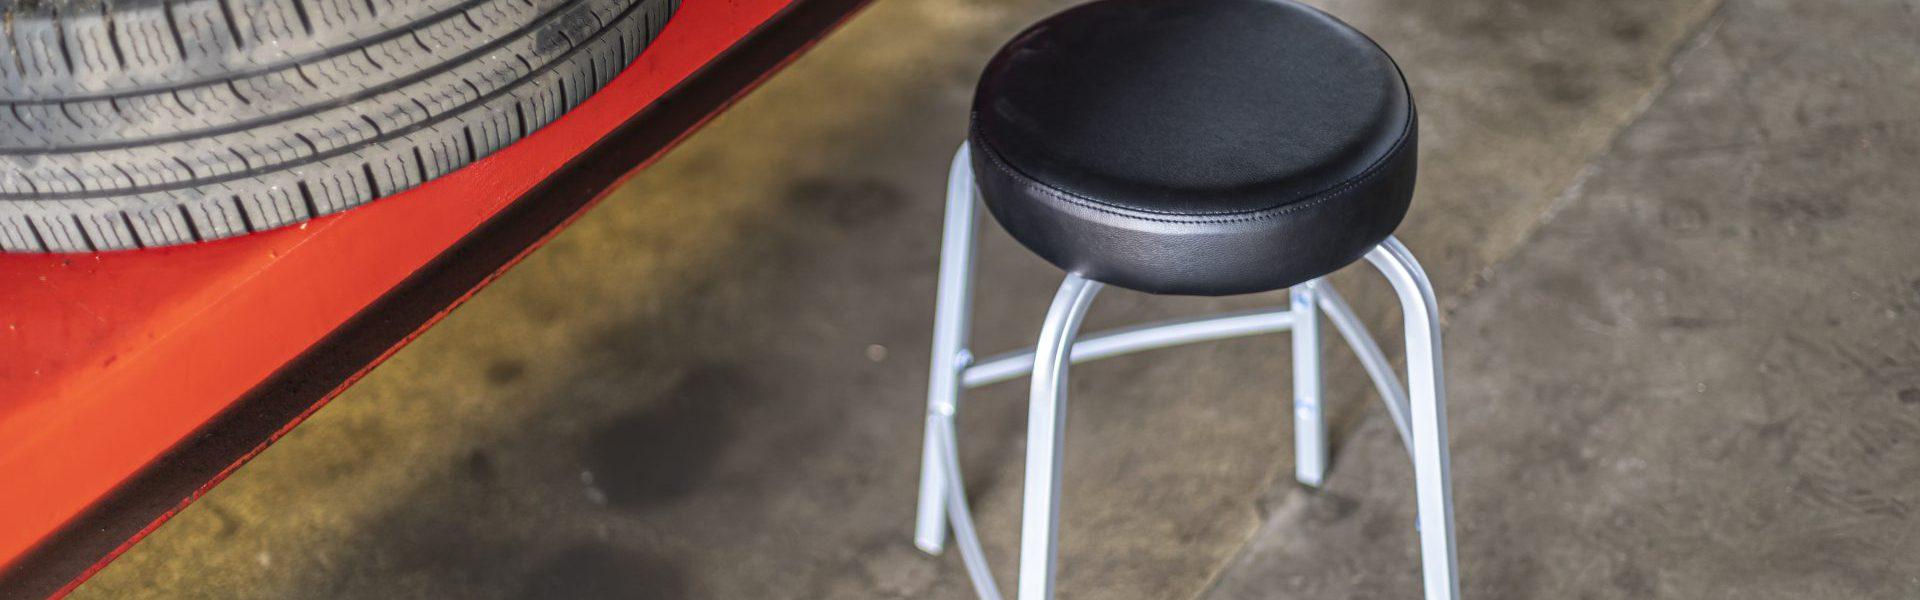 Rodachair TAS stapelbare taboeret kruk verspringende voetensteun kunstleder gestoffeerd